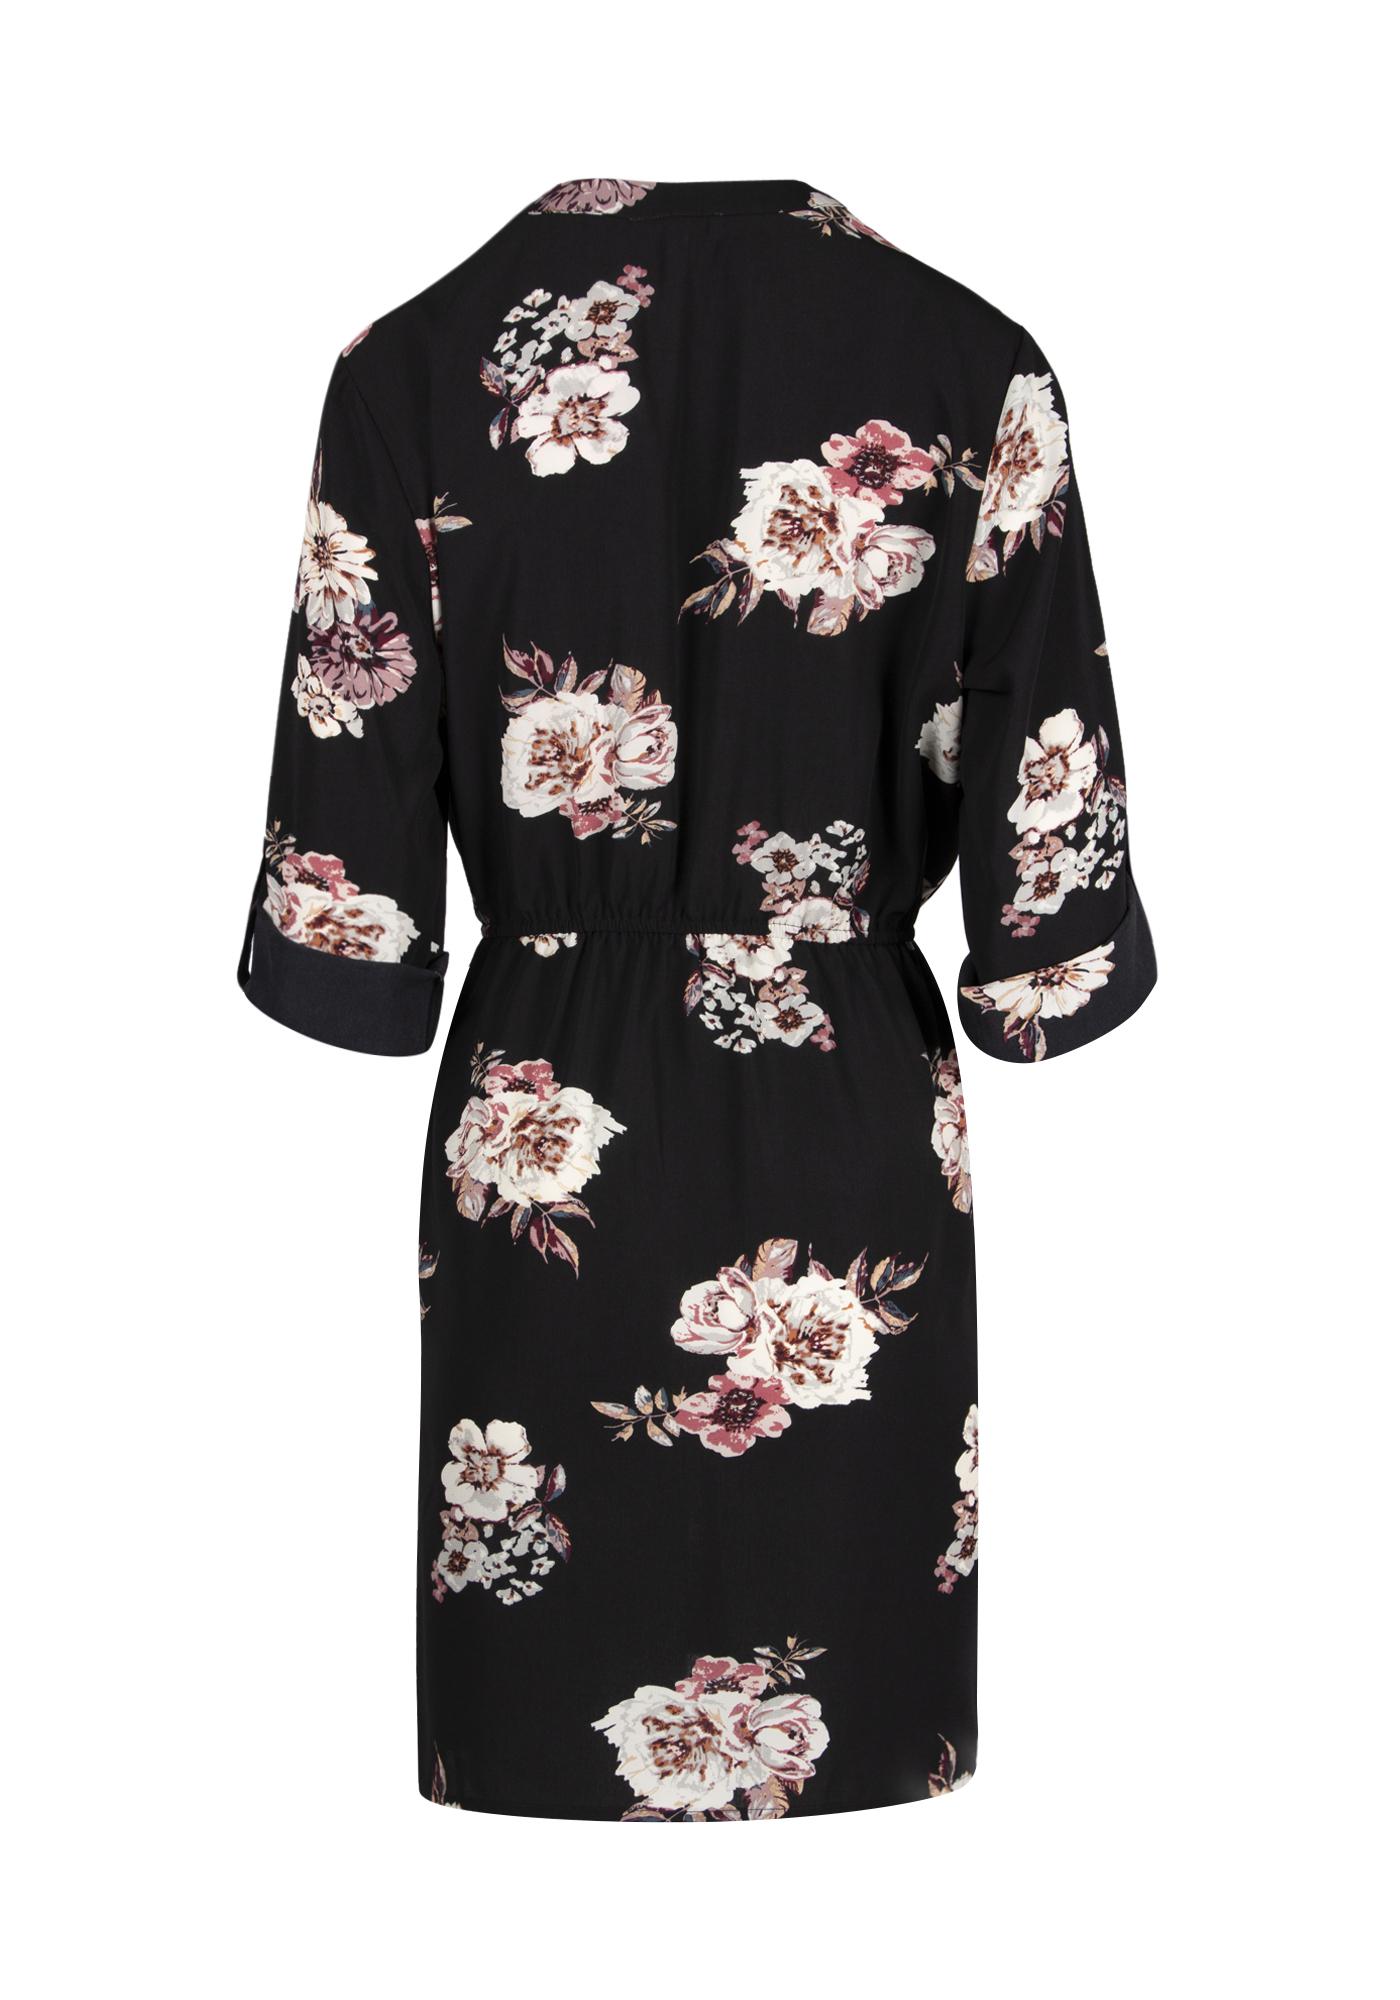 3e1eb1d30e99 ... Womens Floral Roll Sleeve Shirt Dress